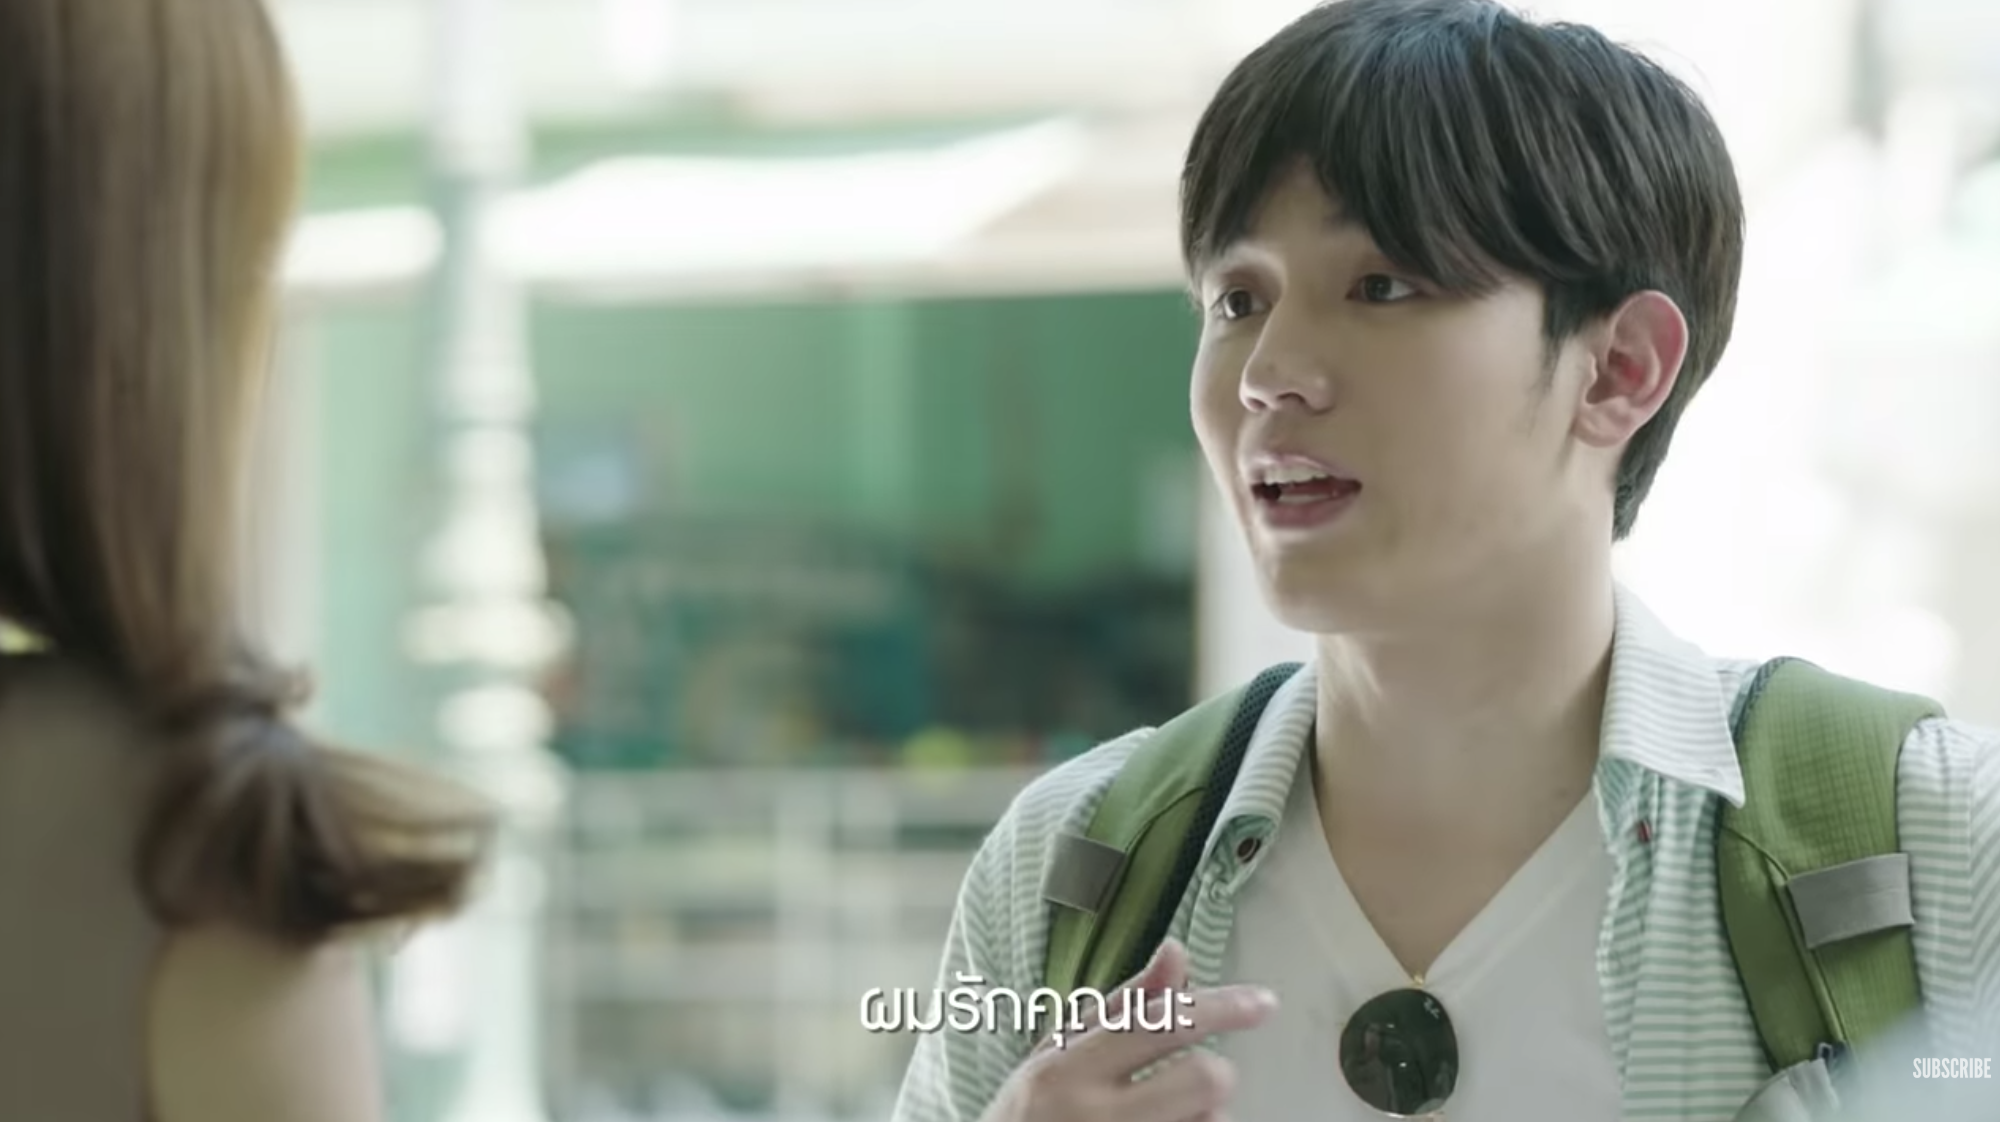 Jun Vũ bất ngờ xuất hiện liếc mắt đưa tình với HLV gốc Việt của The Face trong trailer phim Thái - Ảnh 5.